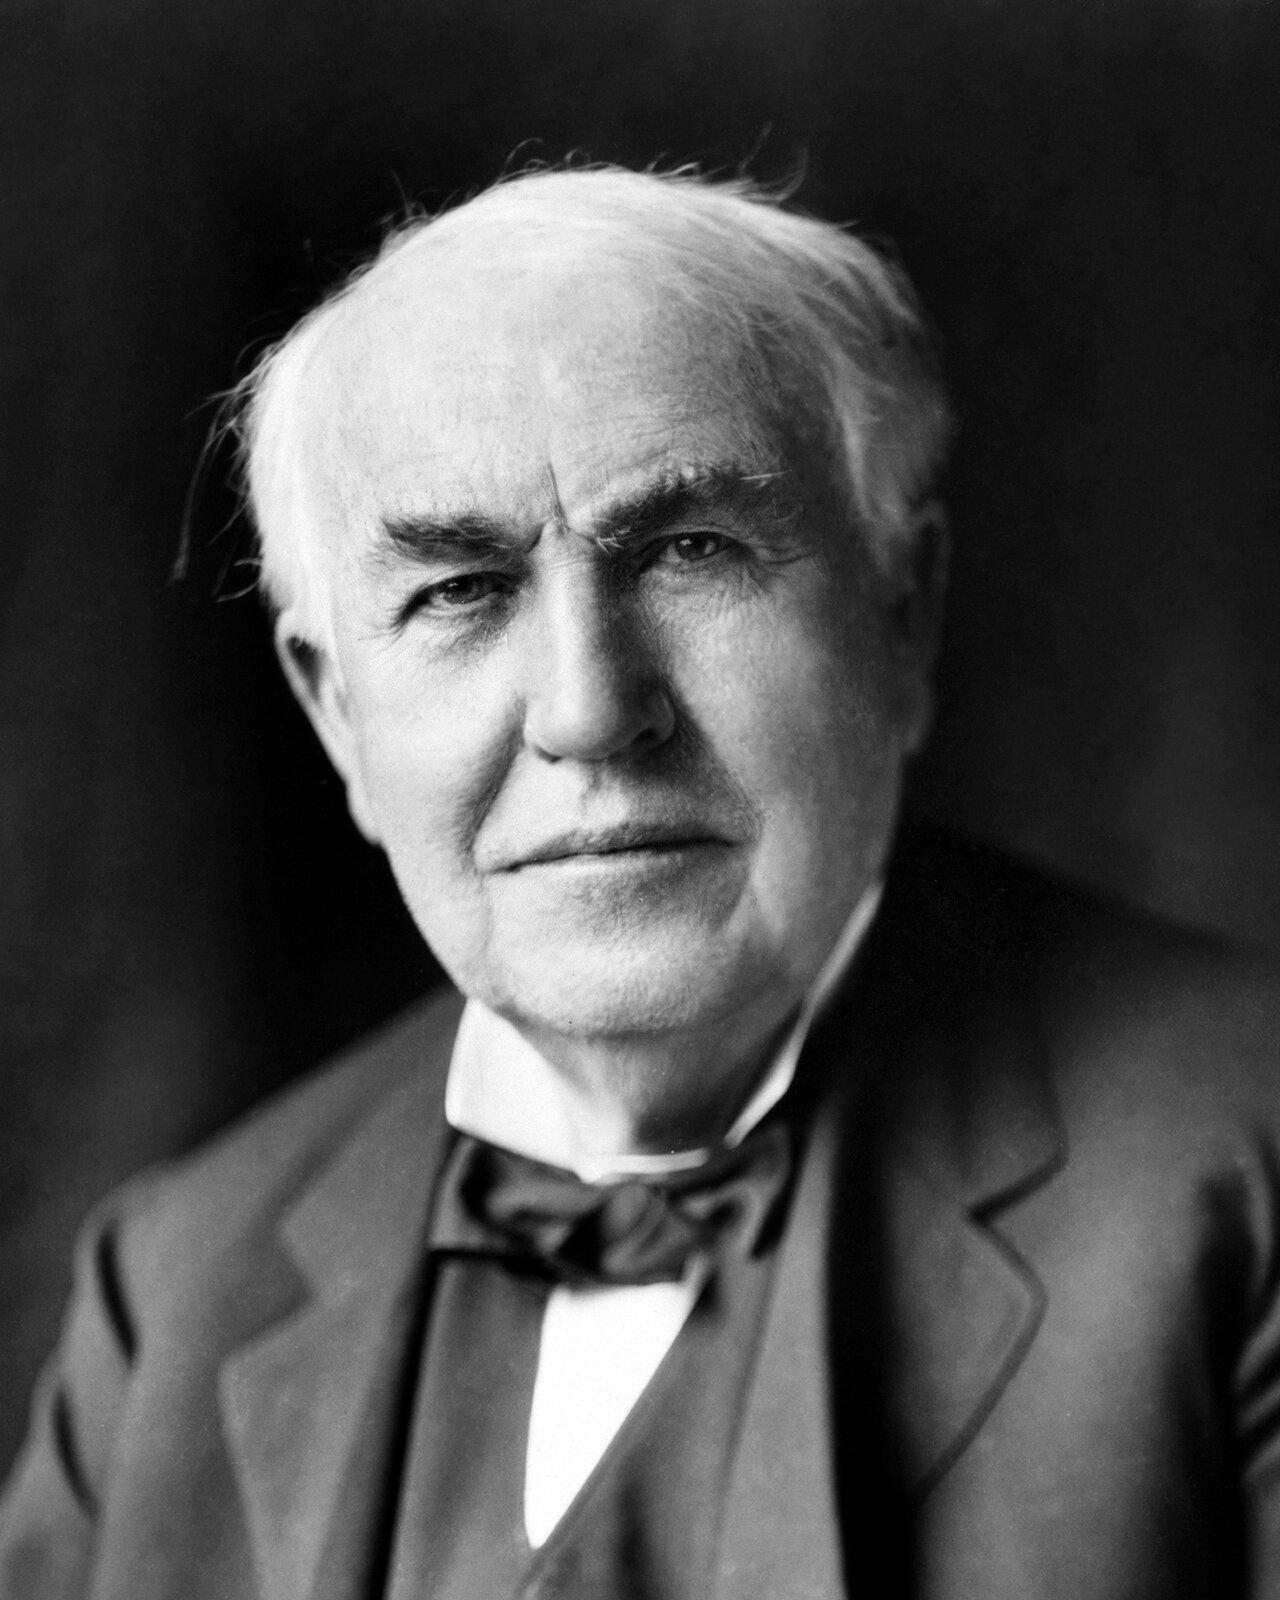 Thomas Alva Edison ThomasAlvaEdison(1847–1931)–wynalazca amerykański , samouk. Jego dorobek liczy ponad 1000 patentów.M.in.udoskonalił telefon Bella, wynalazł fonograf iżarówkę elektryczną. W1882 roku uruchomił wNowym Jorku pierwszą wświecie elektrownię do użytku publicznego.Miał także duży wkład wrozwój kina– w1891 roku opatentował urządzenie zwane kinetoskopem.(Na podstawie:Nowa encyklopedia powszechna PWN, pod red. Dariusza Kalisiewicza, Warszawa 1995-1996). Źródło: Louis Bachrach (Bachrach Studios), Thomas Alva Edison, ok. 1922, restauracja: Michel Vuijlsteke, domena publiczna.